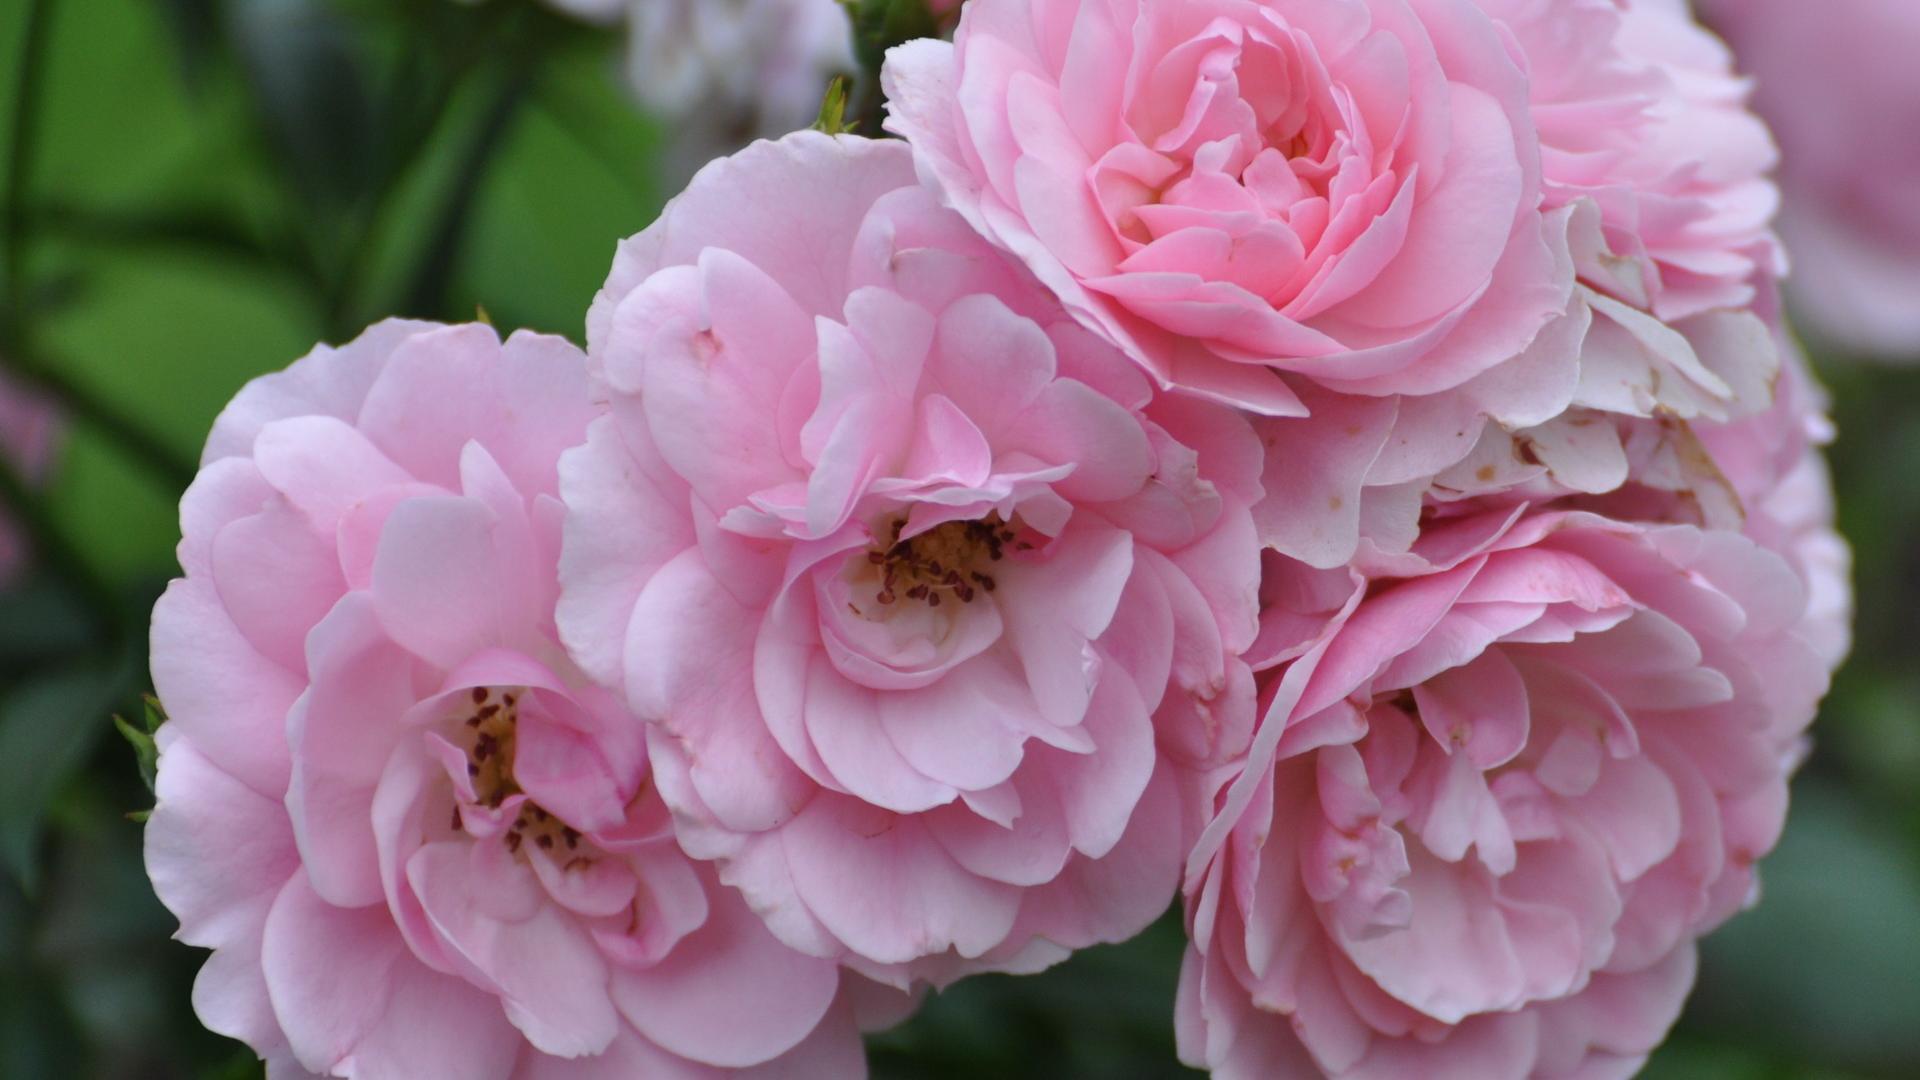 Цветы пионы самые красивые картинки - d8d